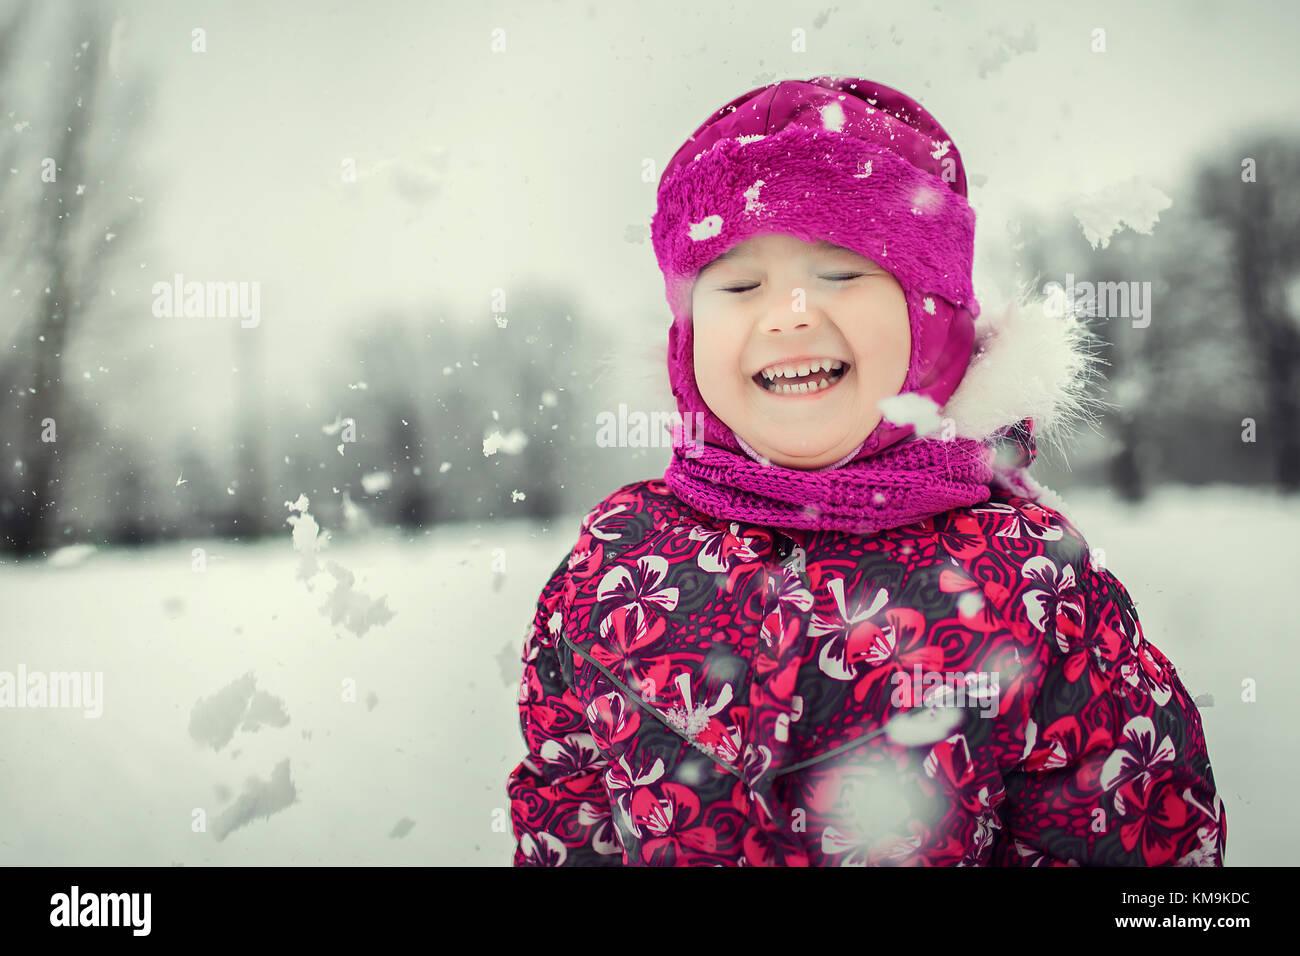 Enfant jouant avec des flocons de neige dans la forêt d'hiver Photo Stock